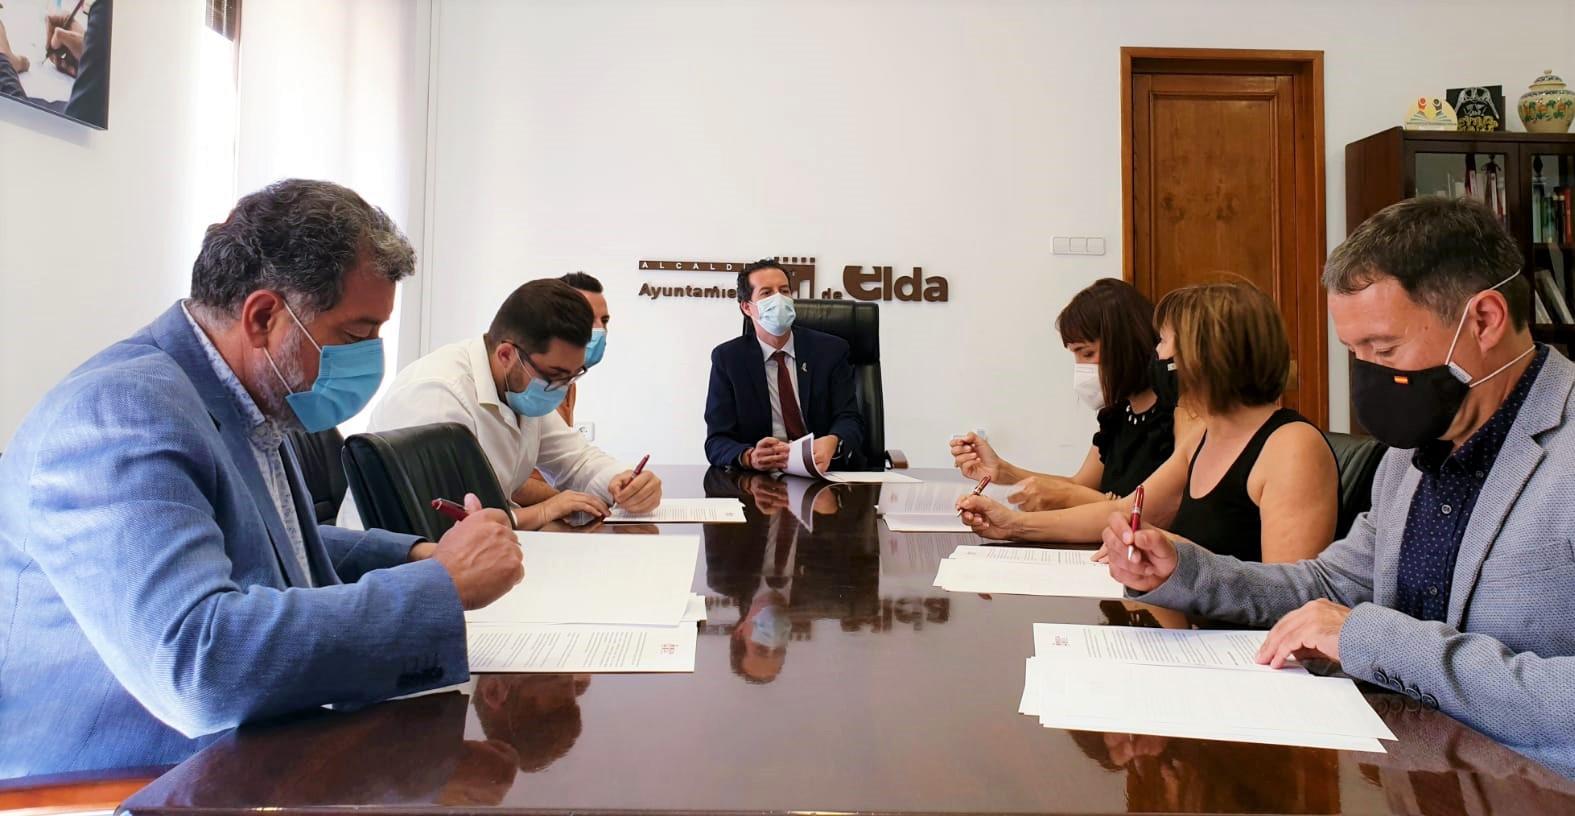 Idelsa, Jovempa y los cuatro centros eldenses de FP firman un convenio de colaboración para conectar la oferta formativa con las empresas